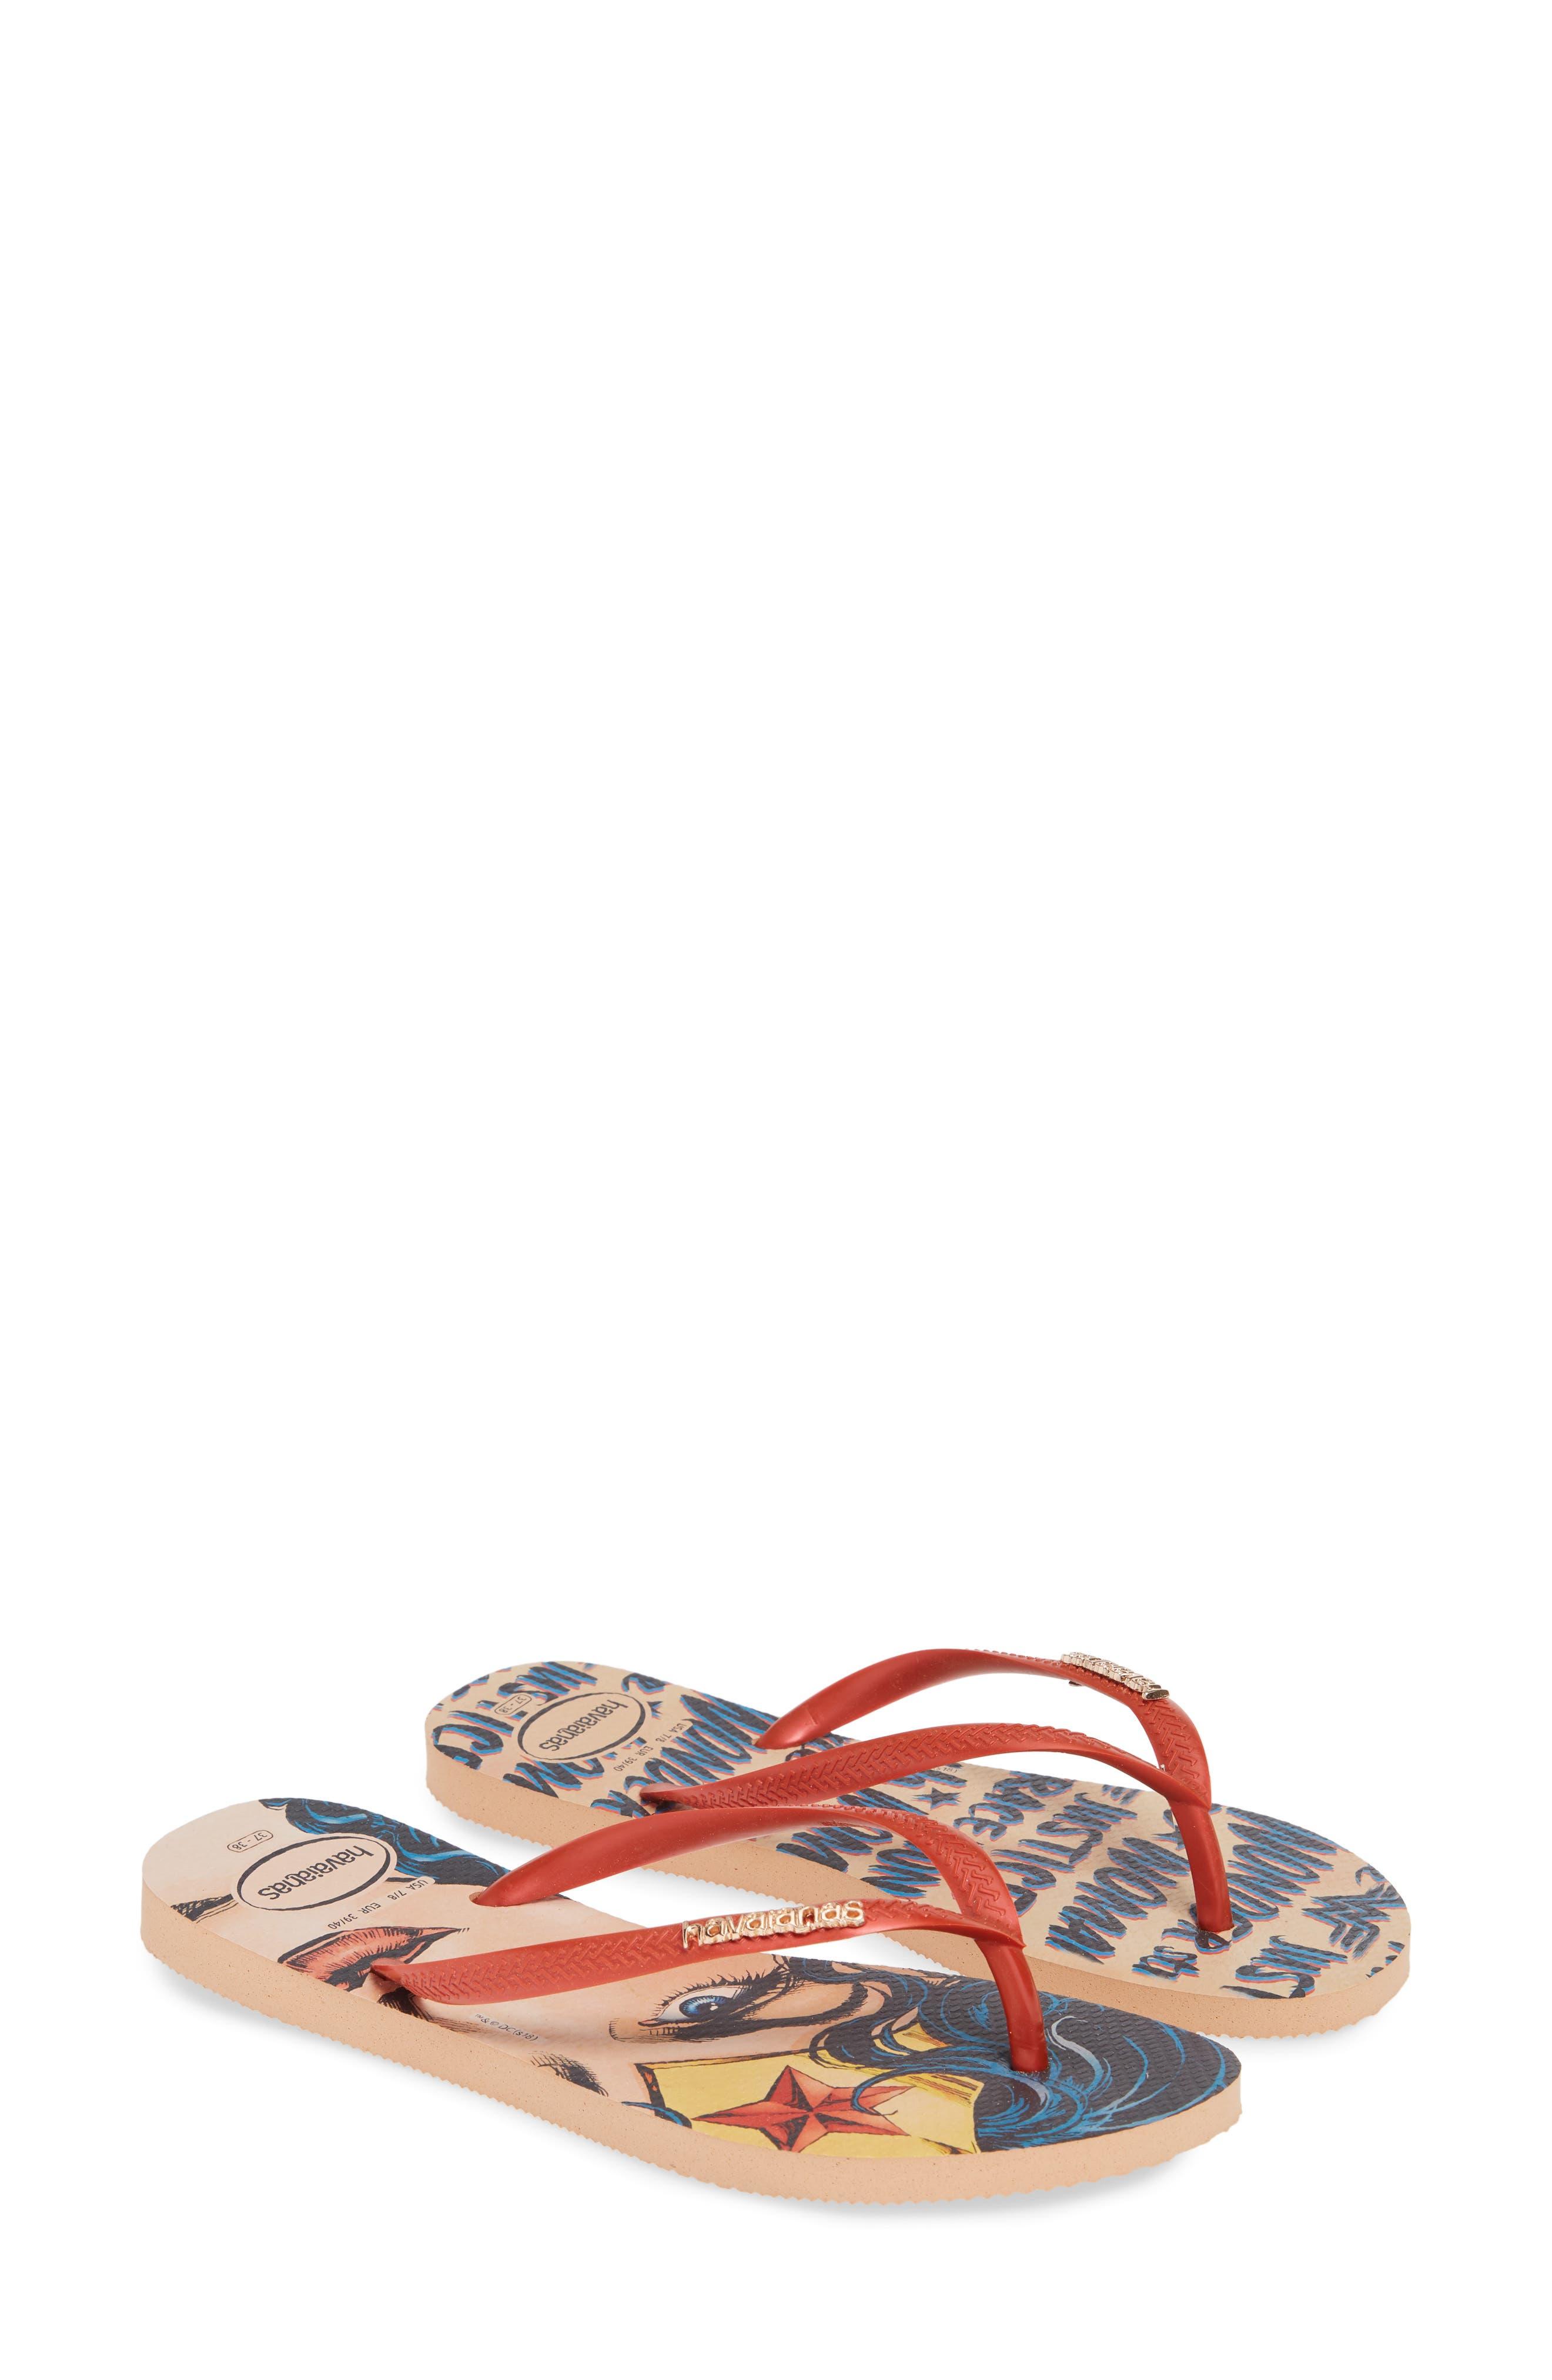 c69ea6dff Beige Havaianas Flip-Flops for Women